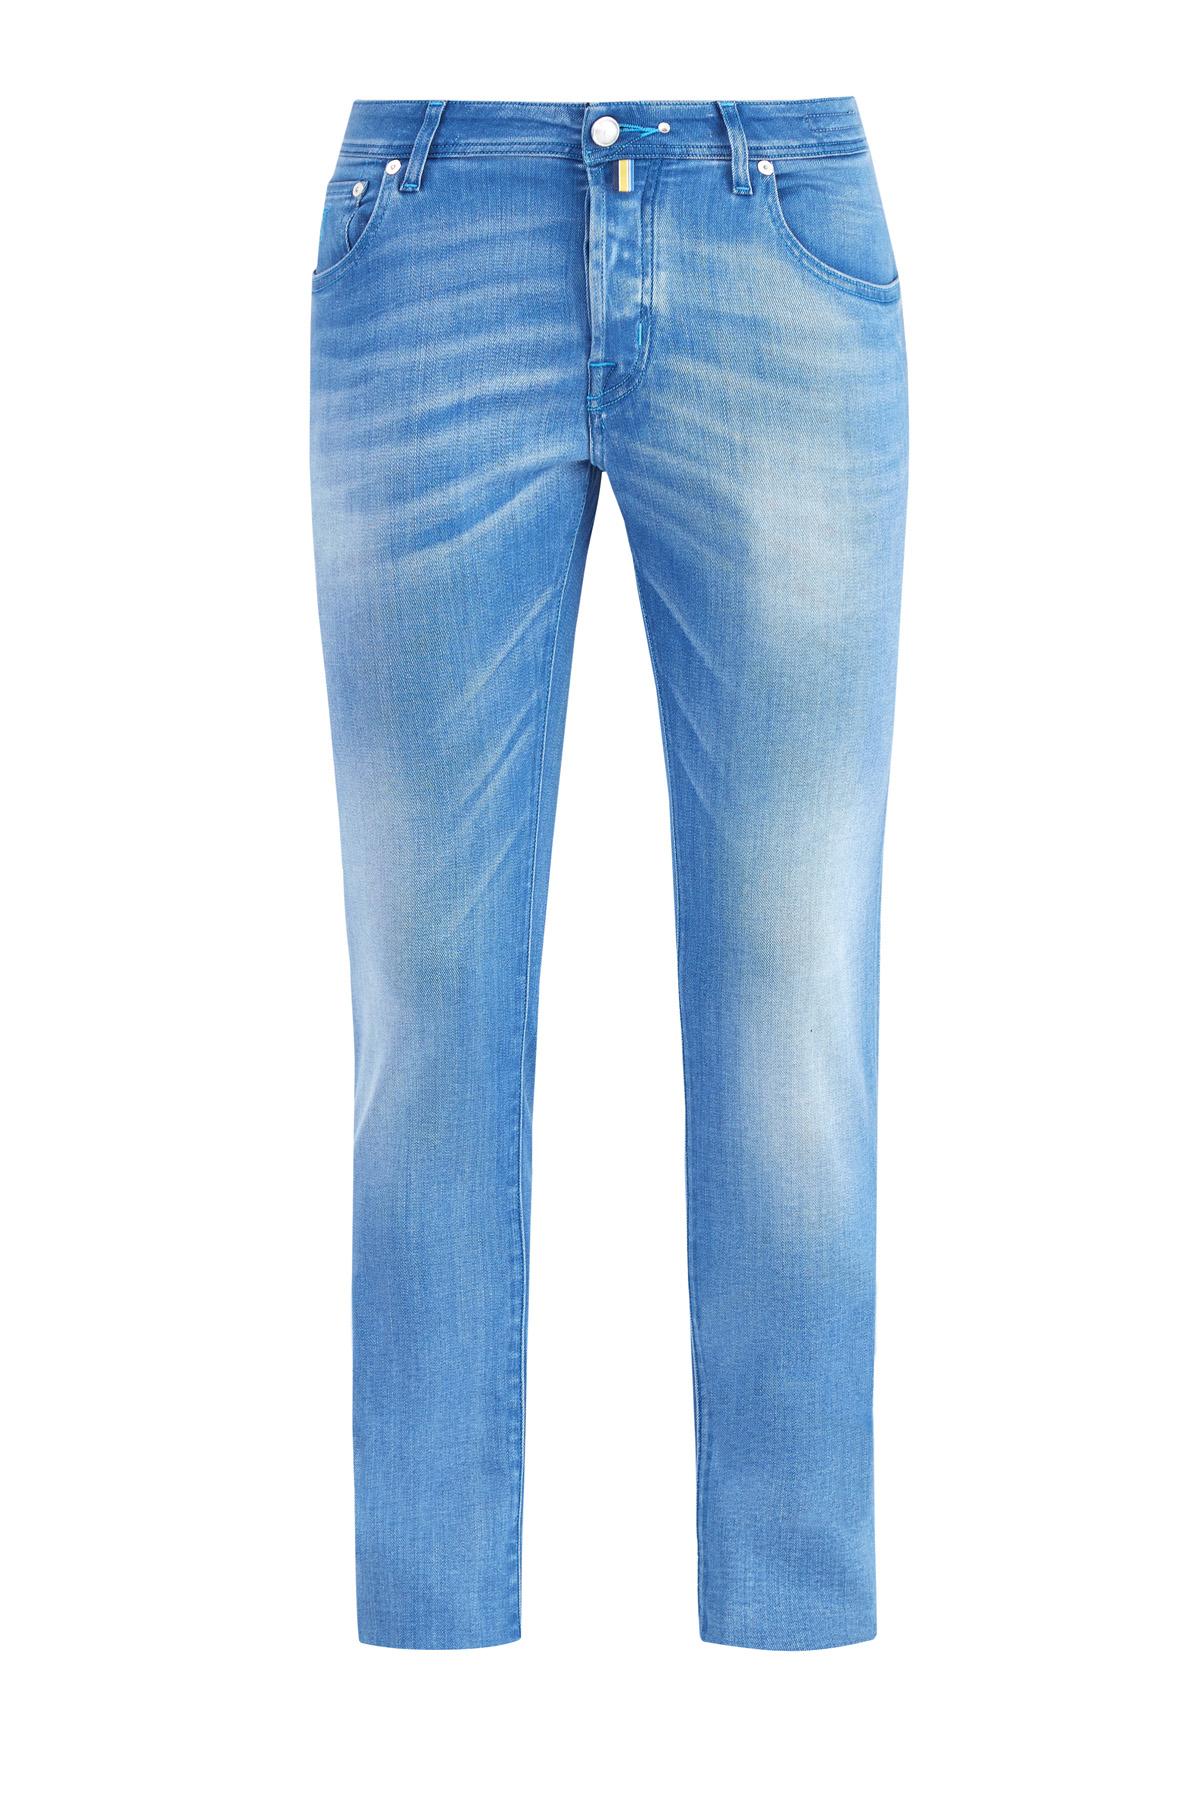 Купить со скидкой джинсы